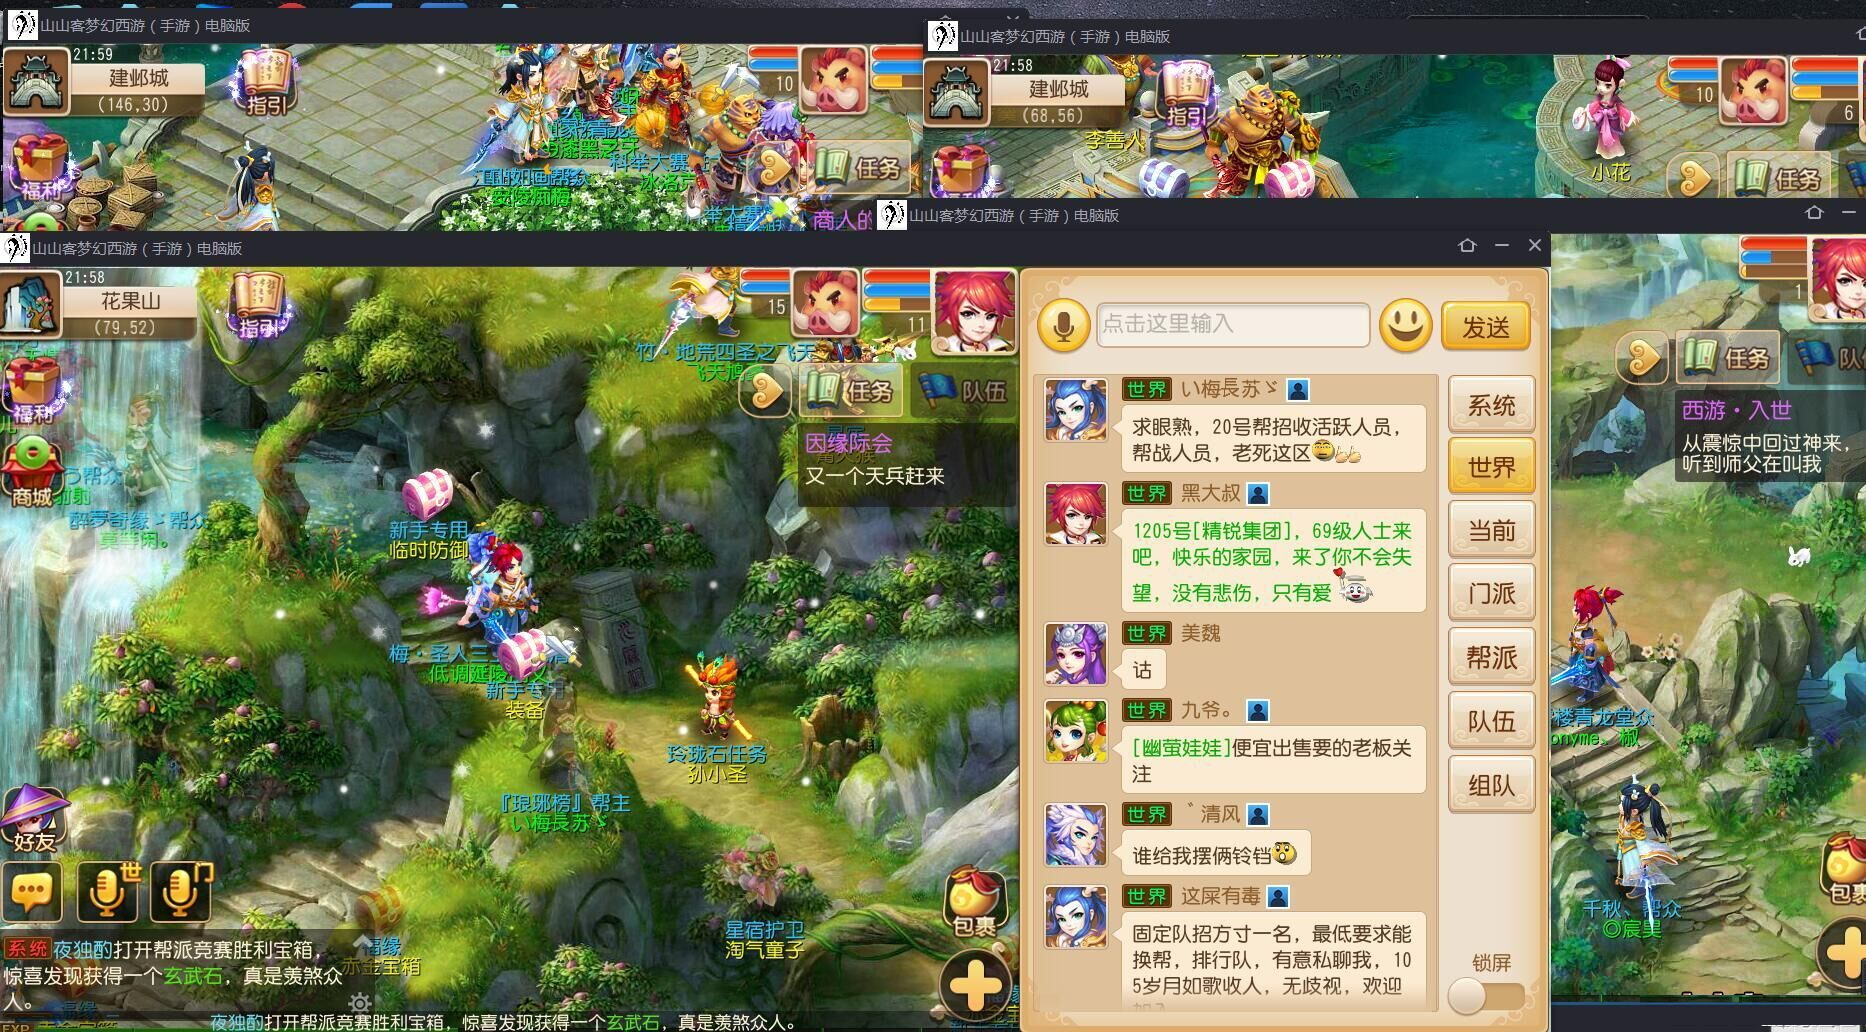 山山客梦幻西游手游网页版截图0